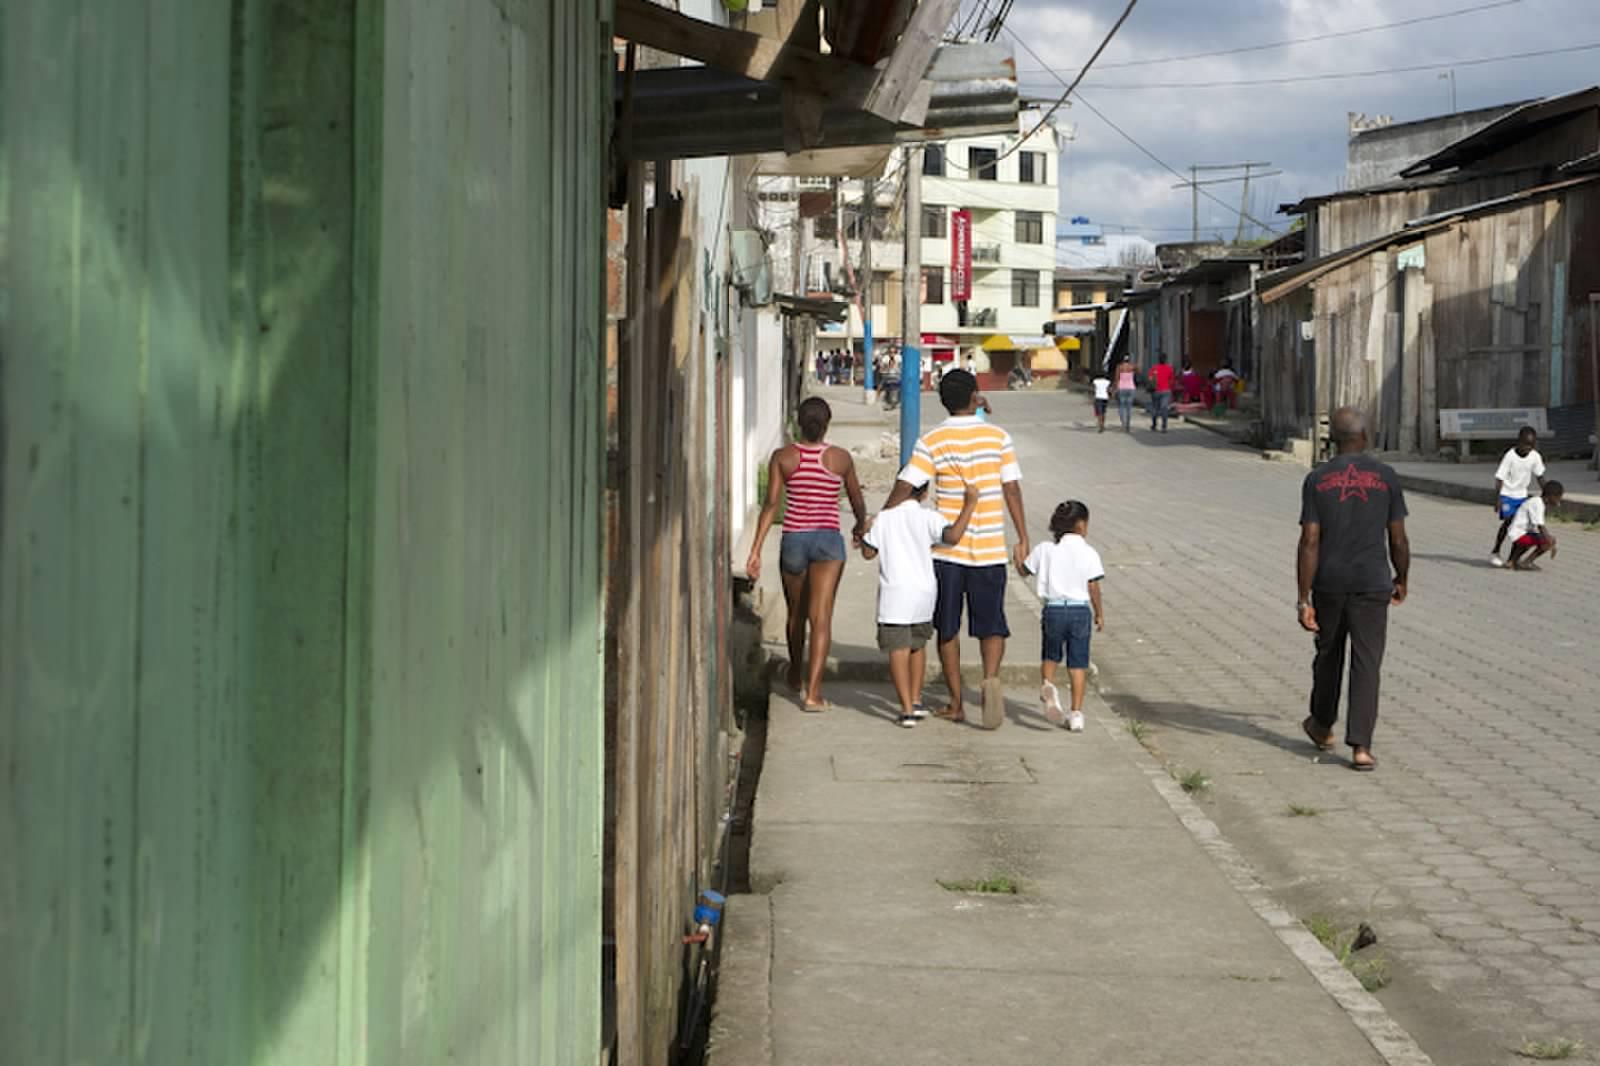 Schwierigkeiten beim Flüchtlingsschutz in Ecuador